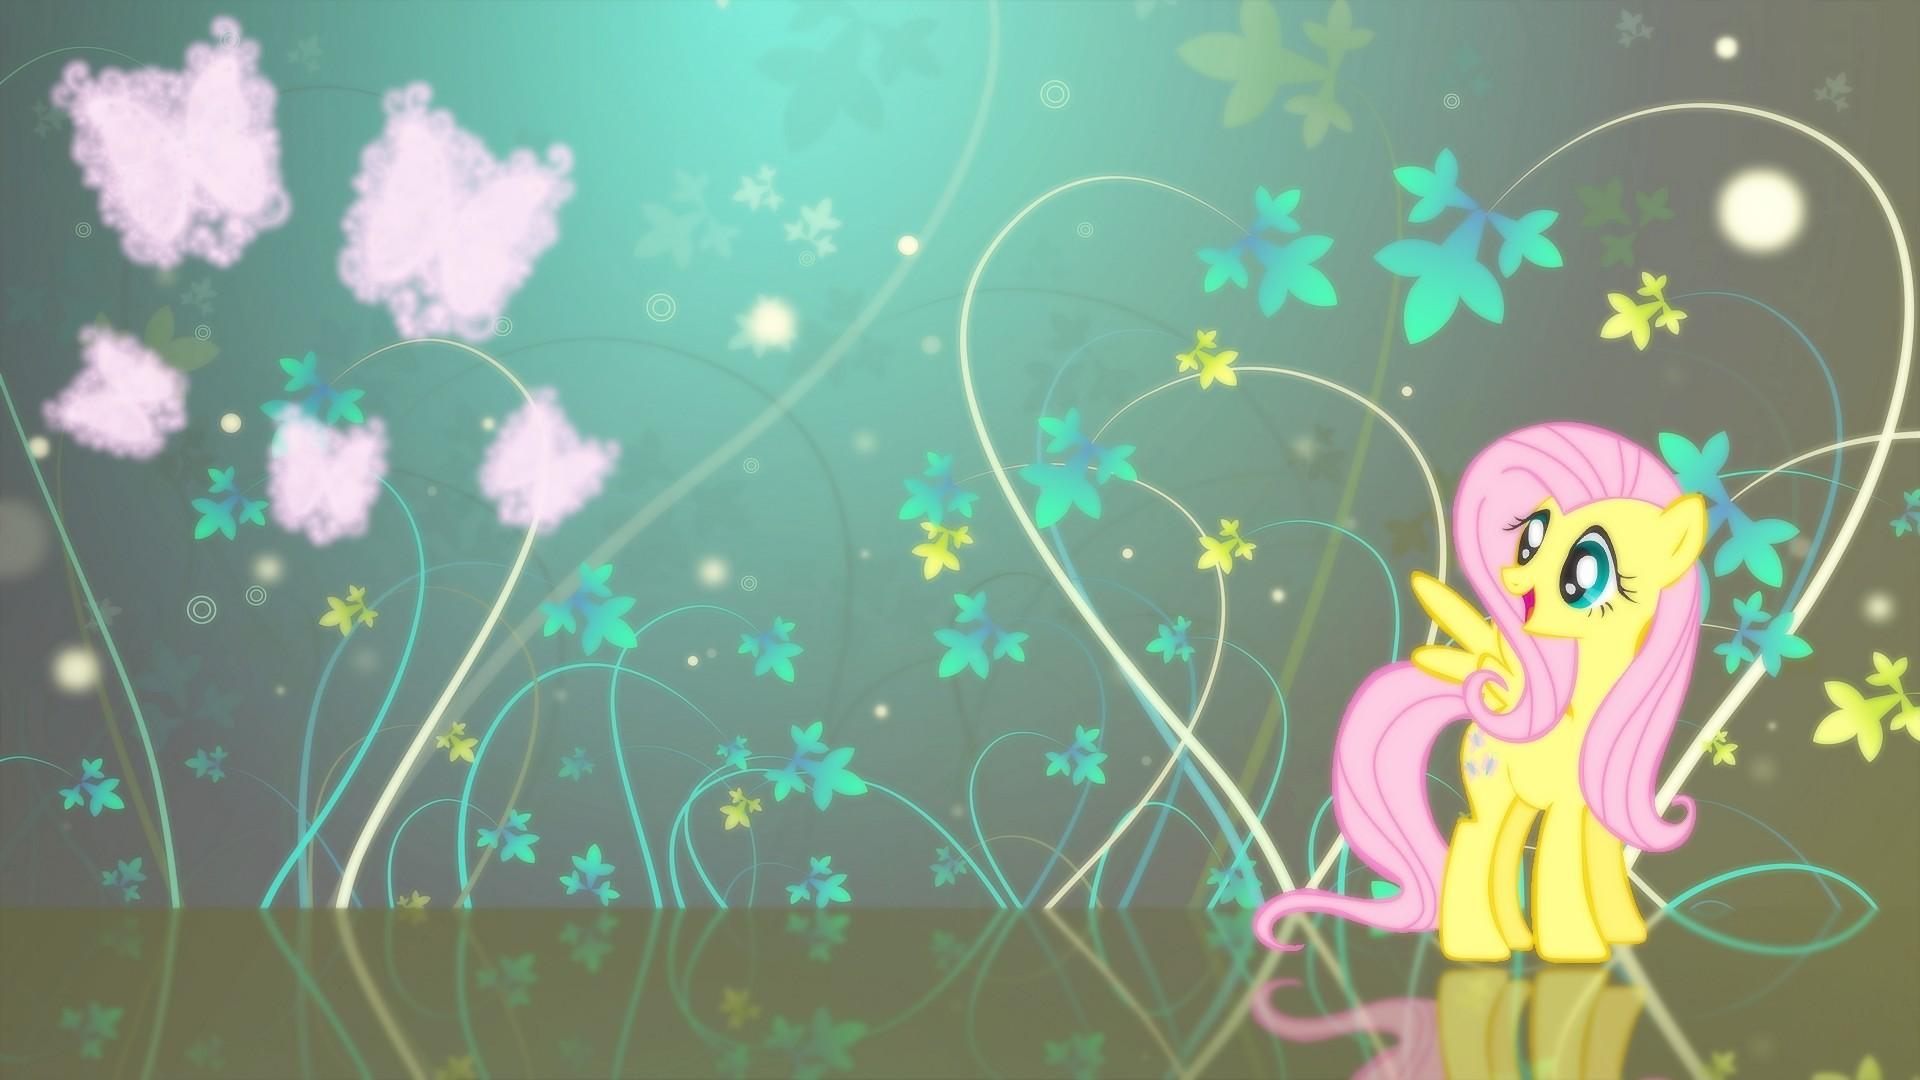 Wallpaper 1920x1080 Px Fluttershy My Little Pony 1920x1080